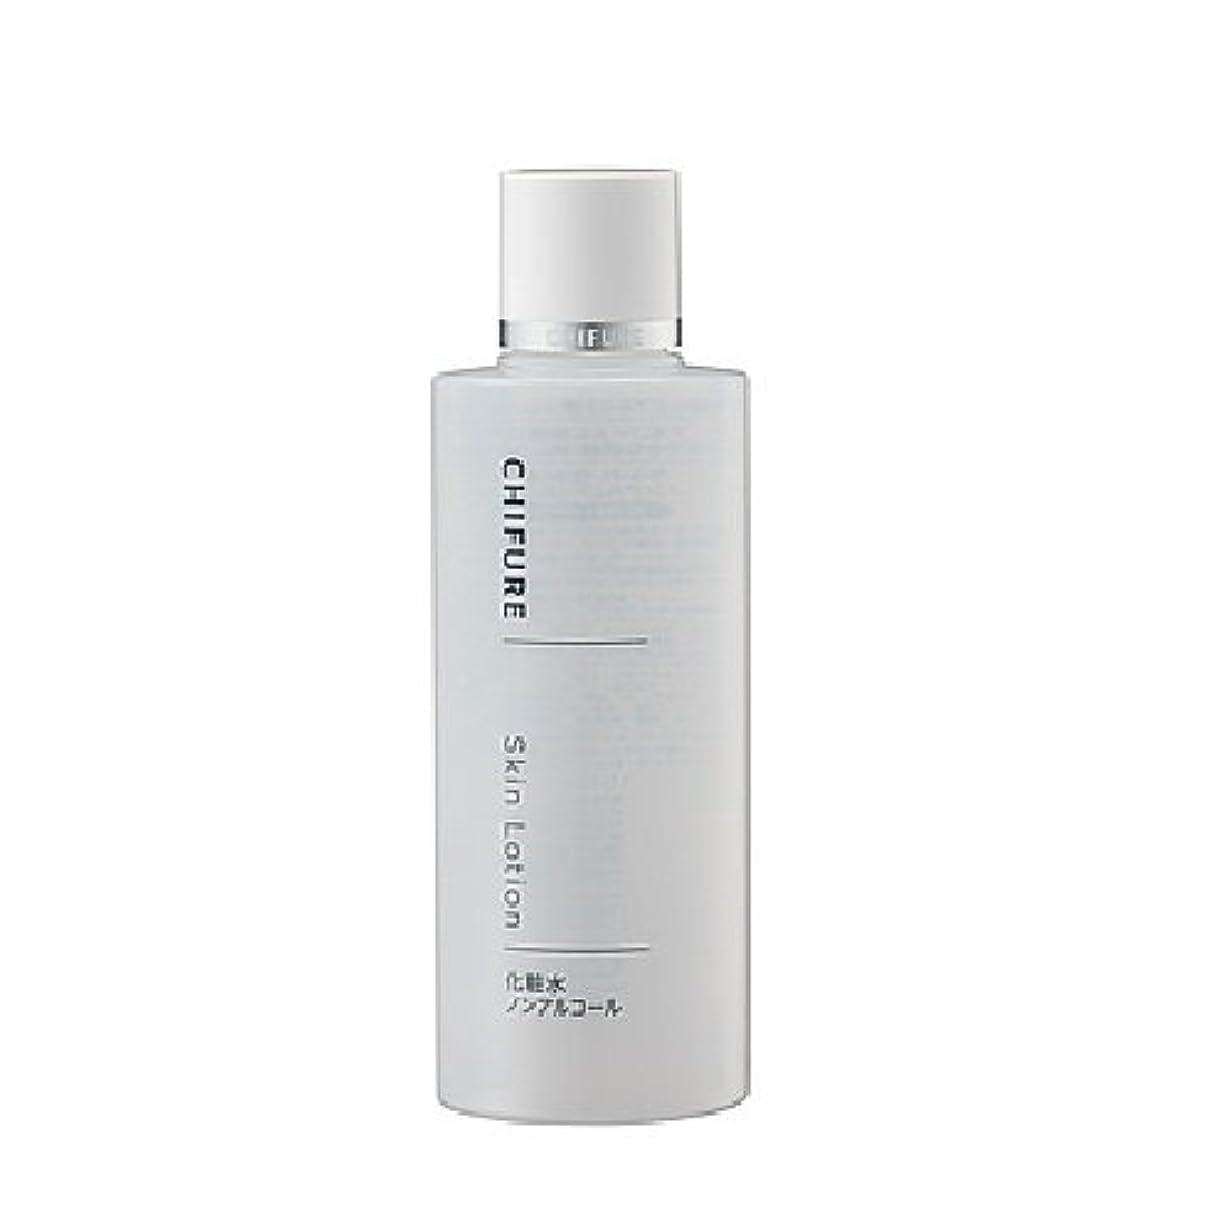 超える非アクティブ典型的なちふれ化粧品 化粧水 ノンアルコールタイプ 180ML